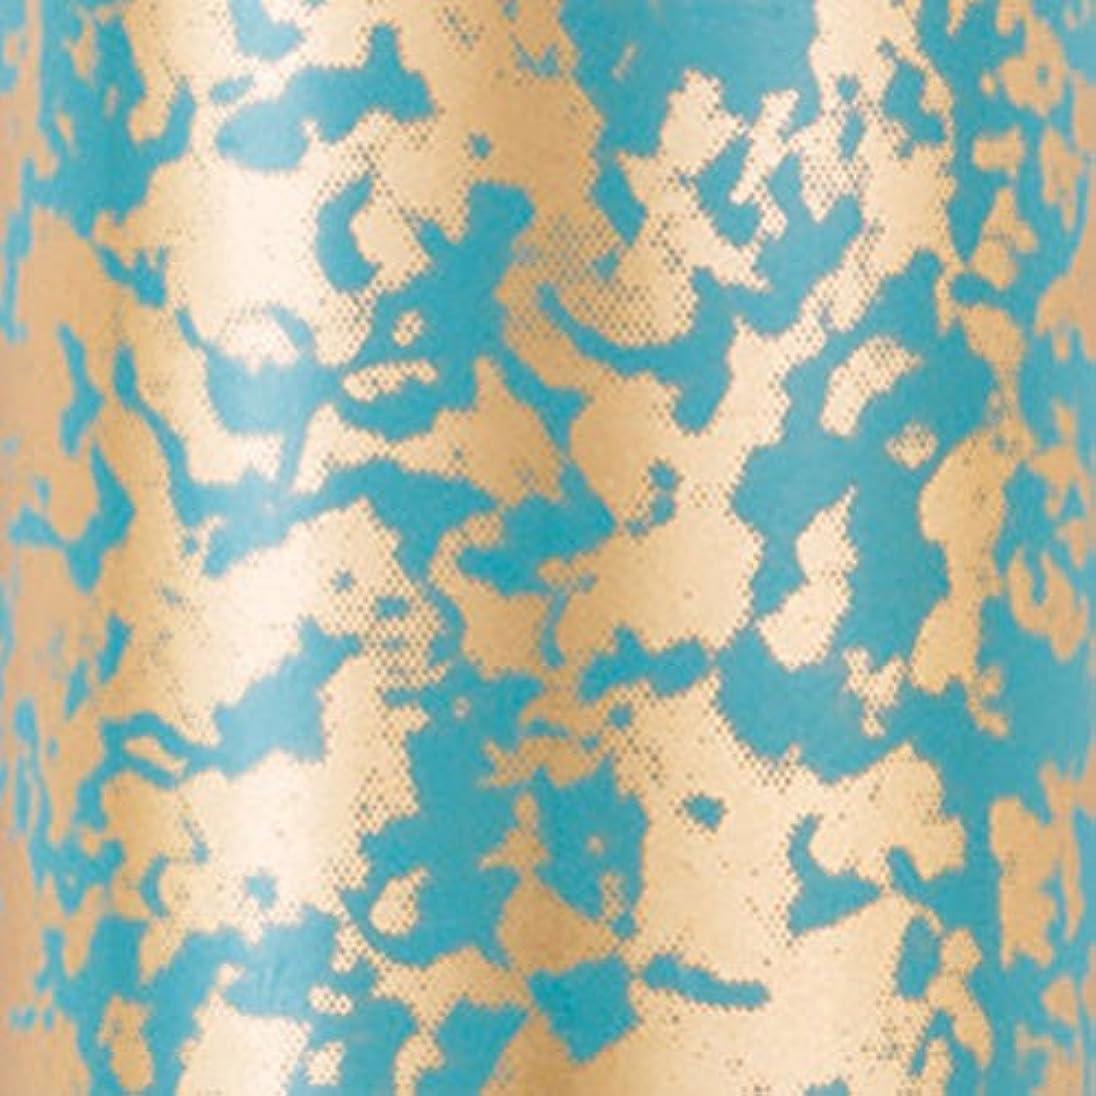 爆風砲撃マッサージBioSculpture ミラーフォイル ジェイド ジェルアート専用のアートツール アート材